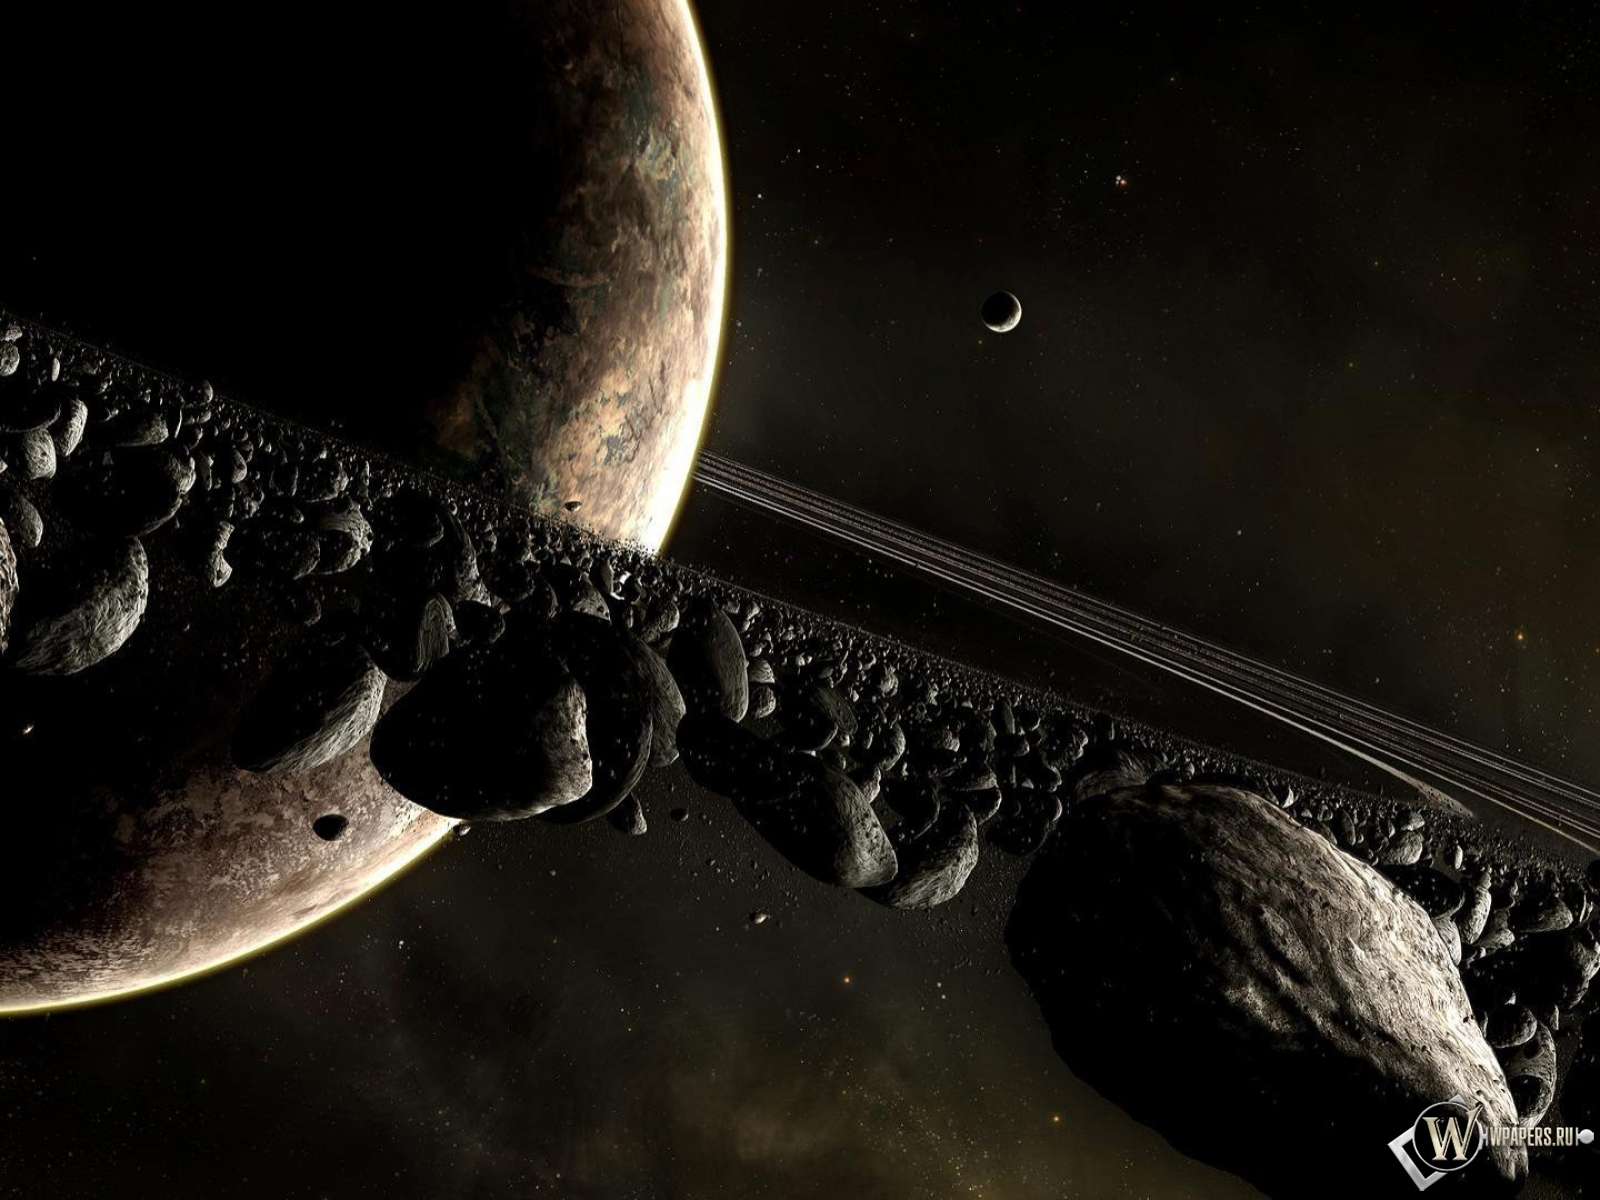 Кольцо метеоритов 1600x1200